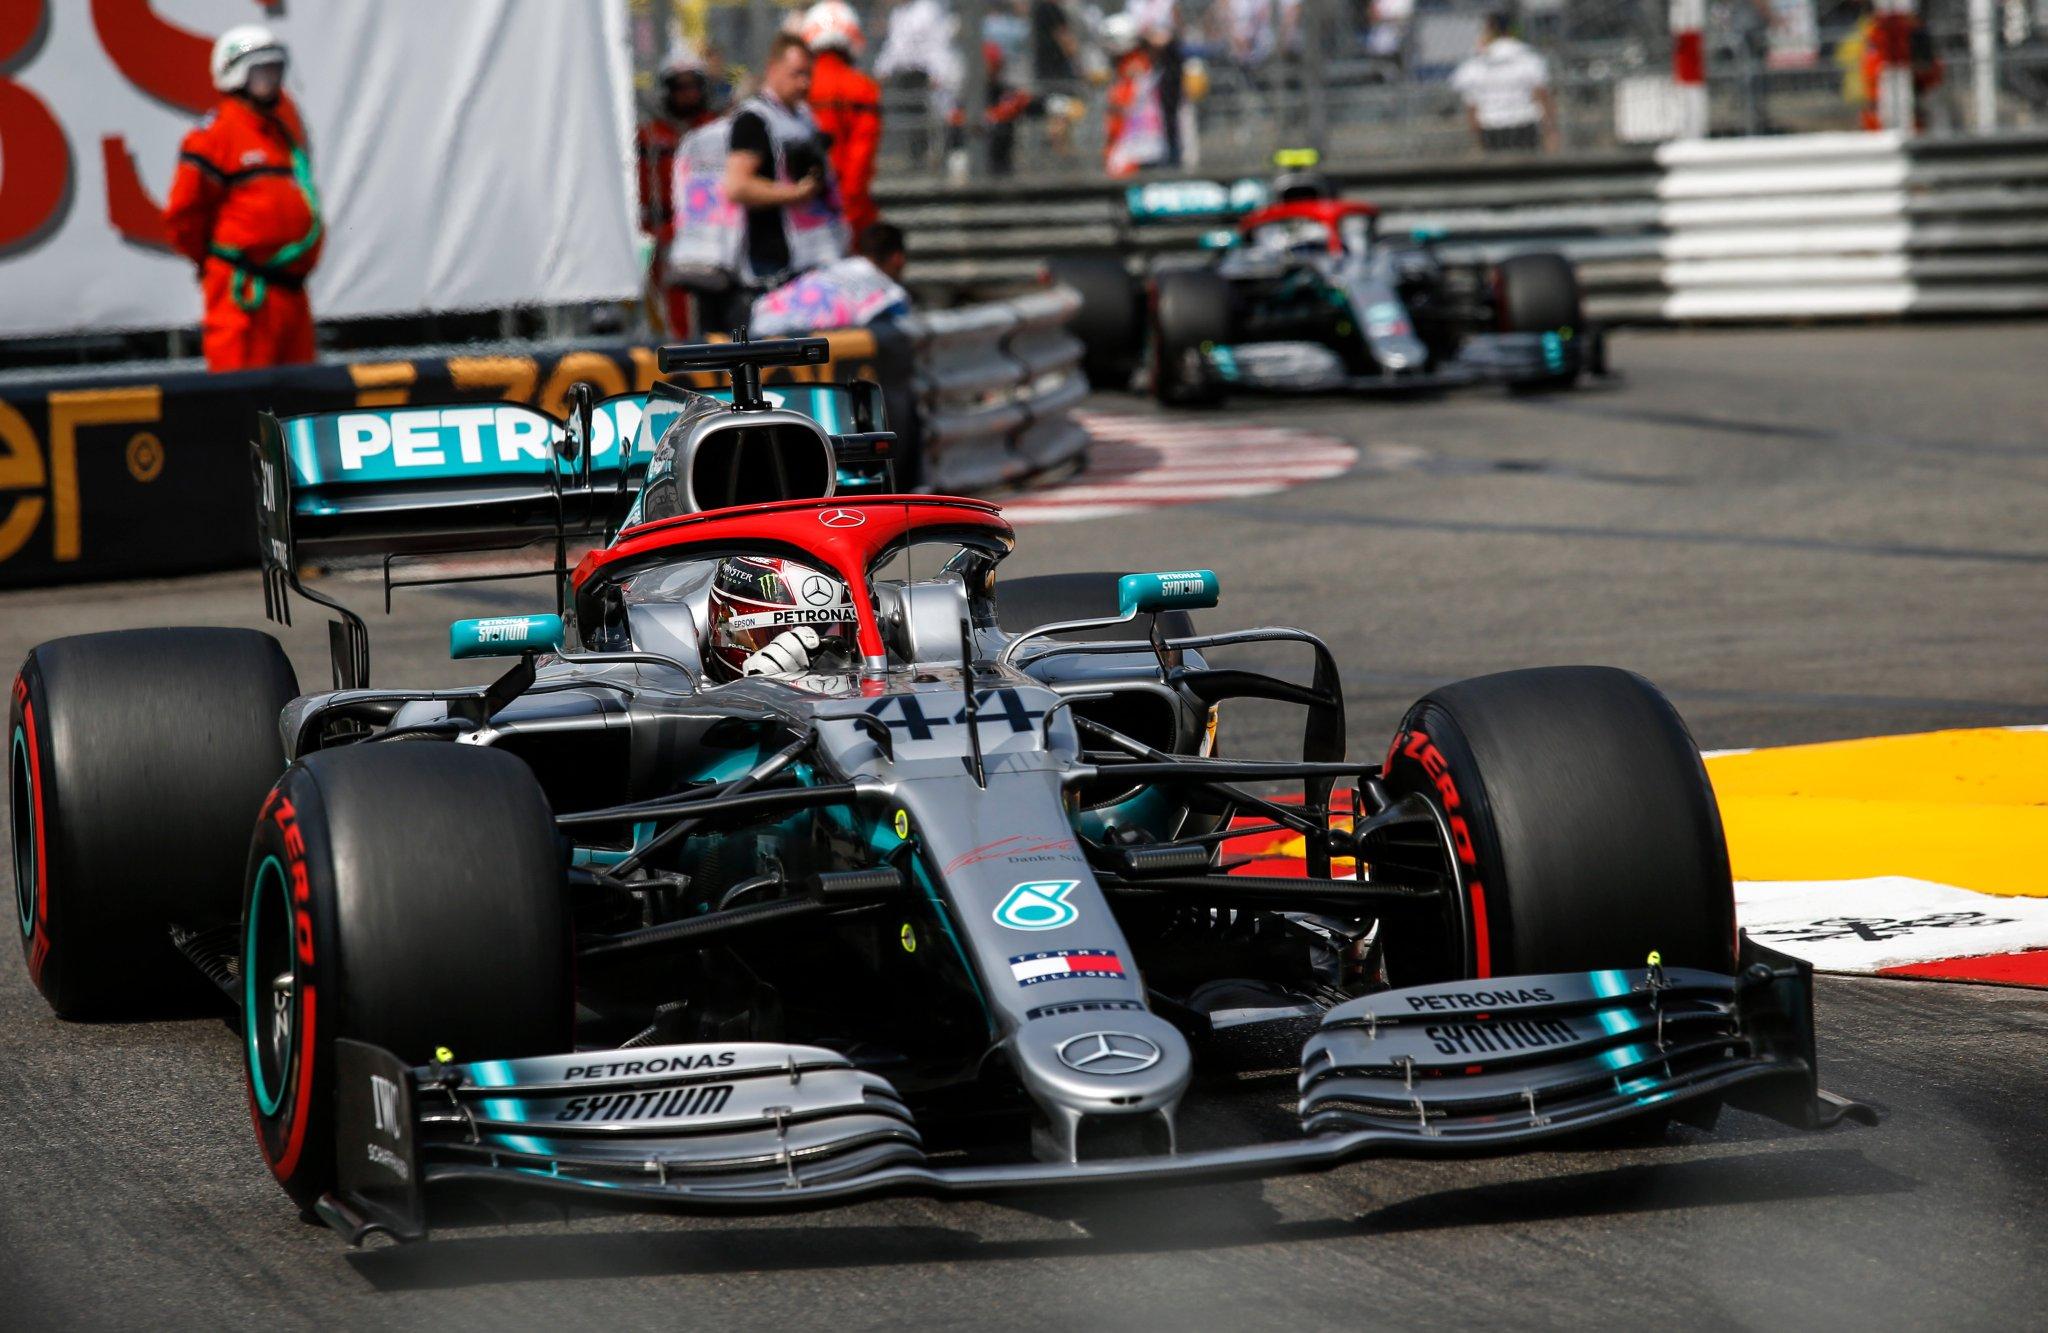 По итогам шести гонок сезона Mercedes опережает Ferrari уже на 118 очков